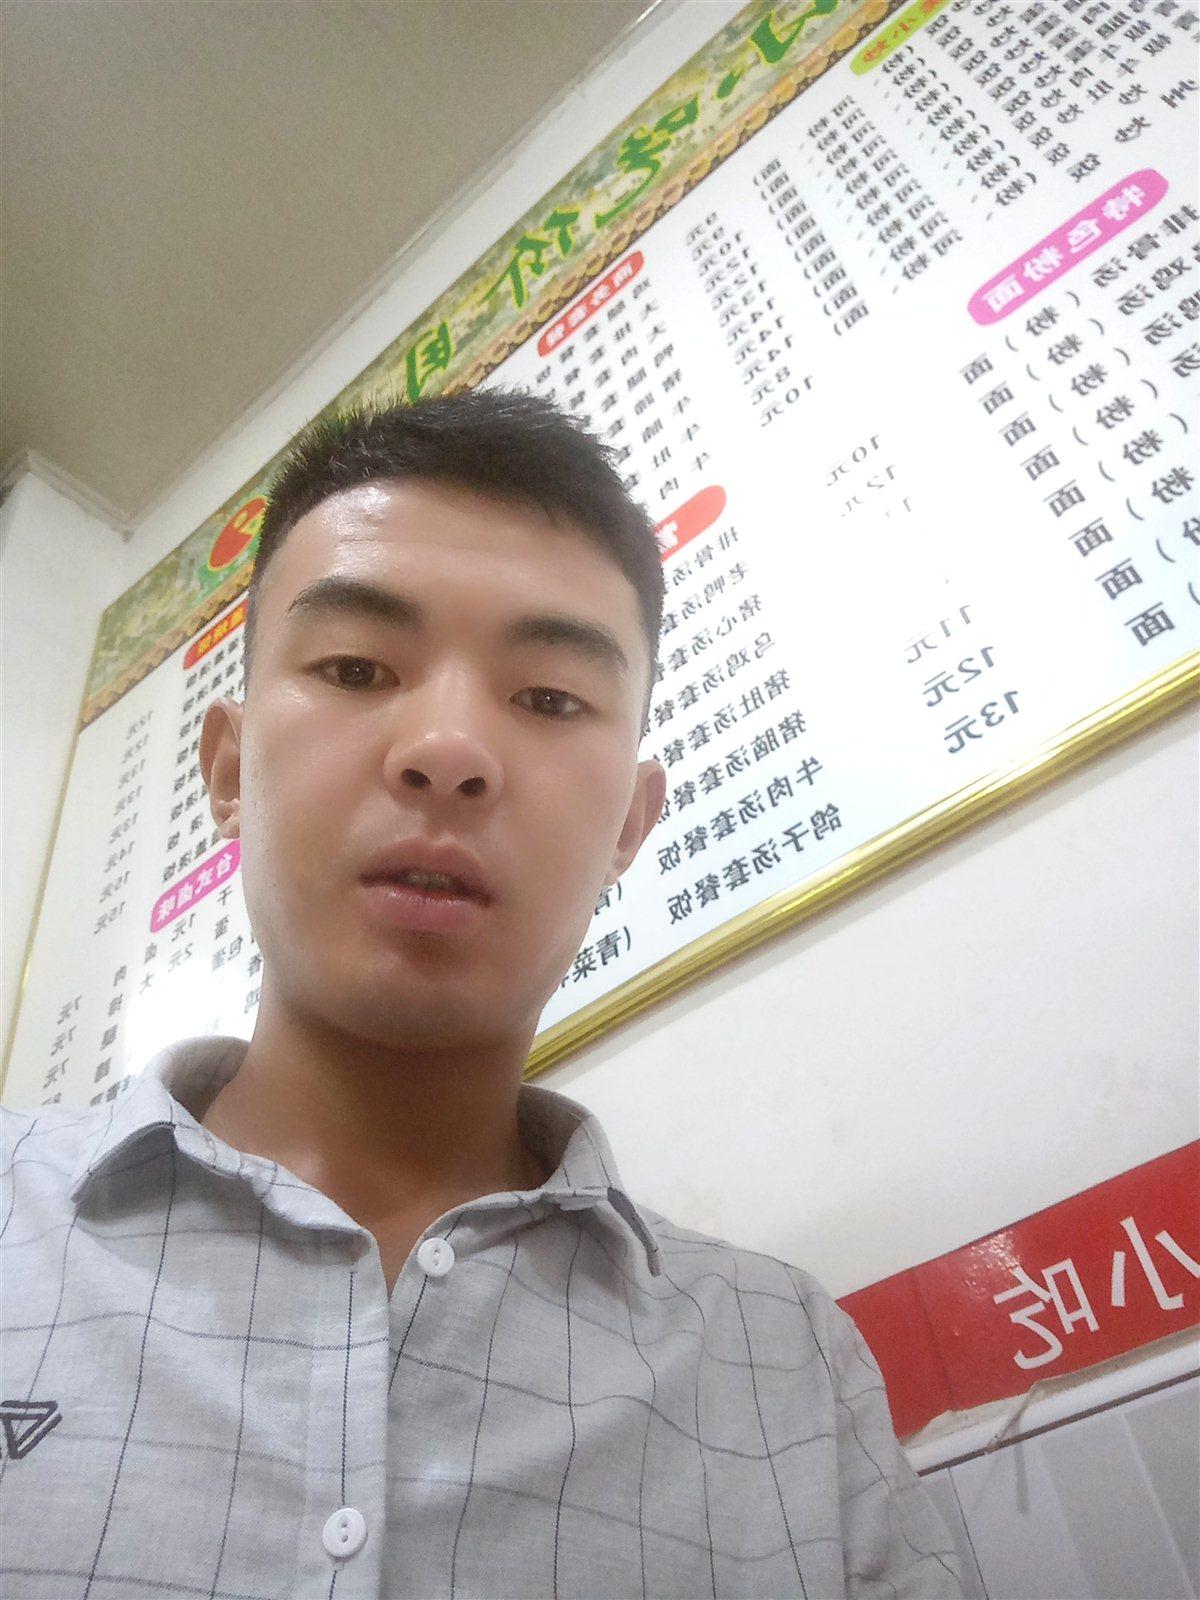 金沙国际娱乐官网木工班组